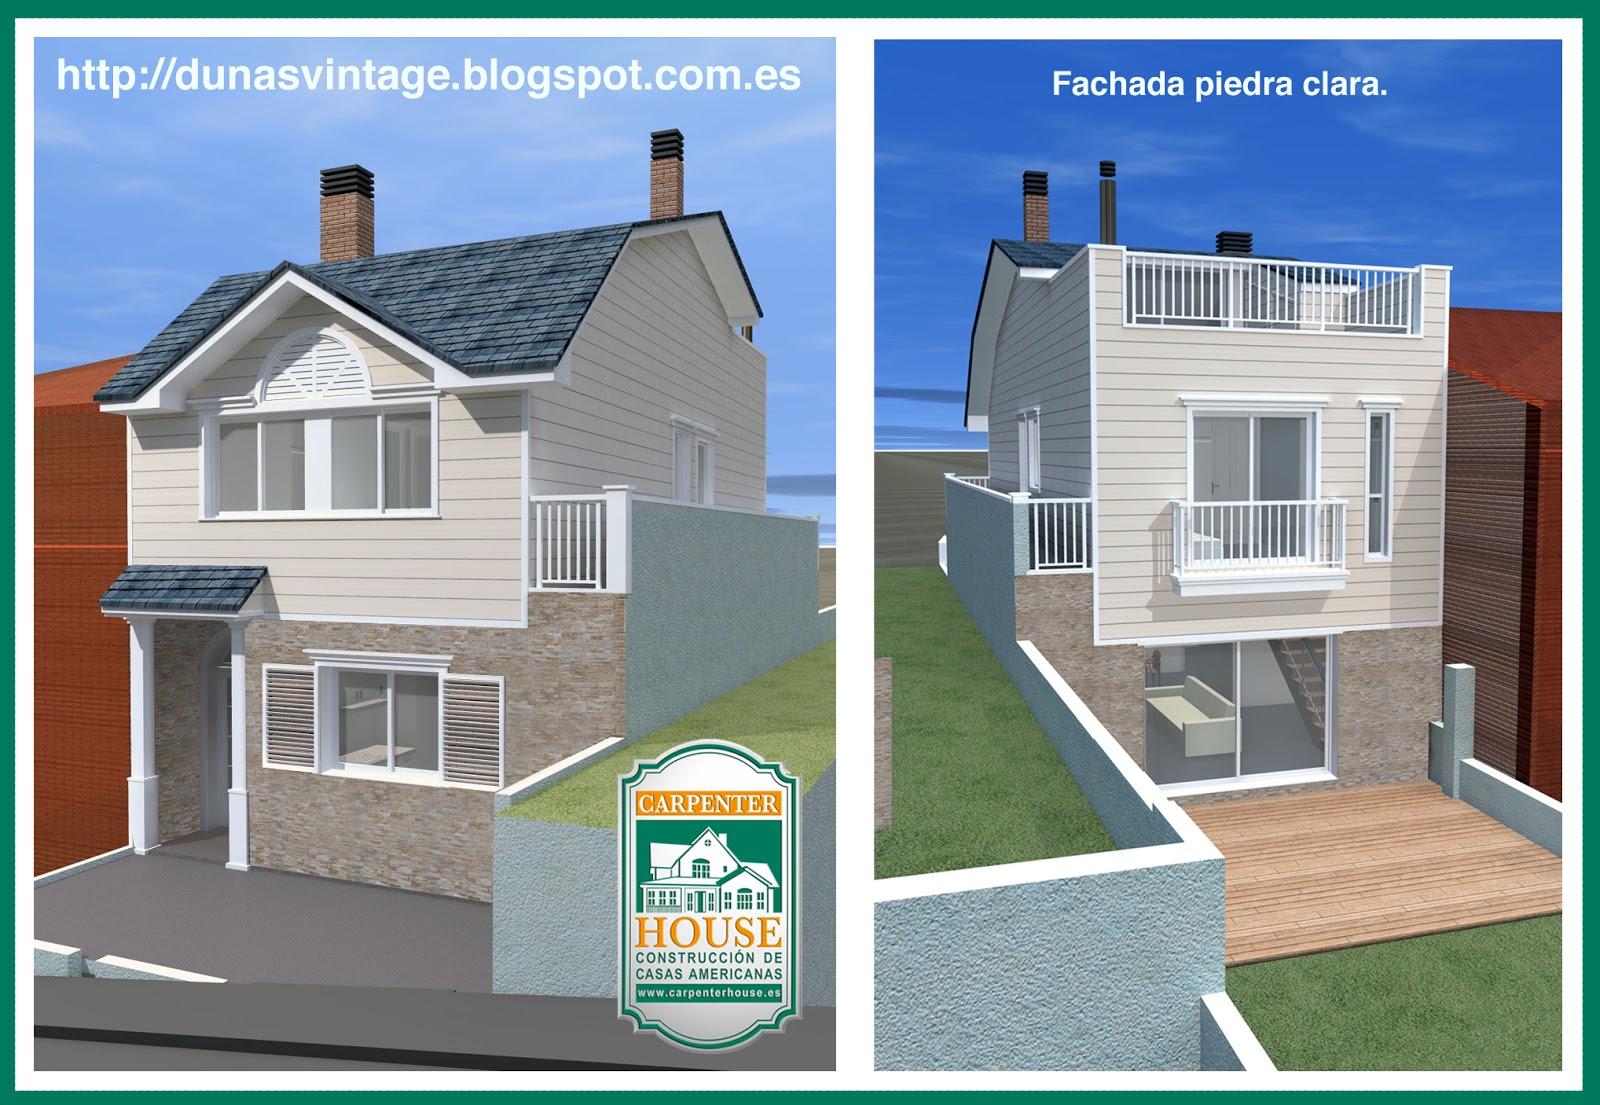 Carpenter house carpenter house pr ximamente nueva - Construccion vivienda unifamiliar ...